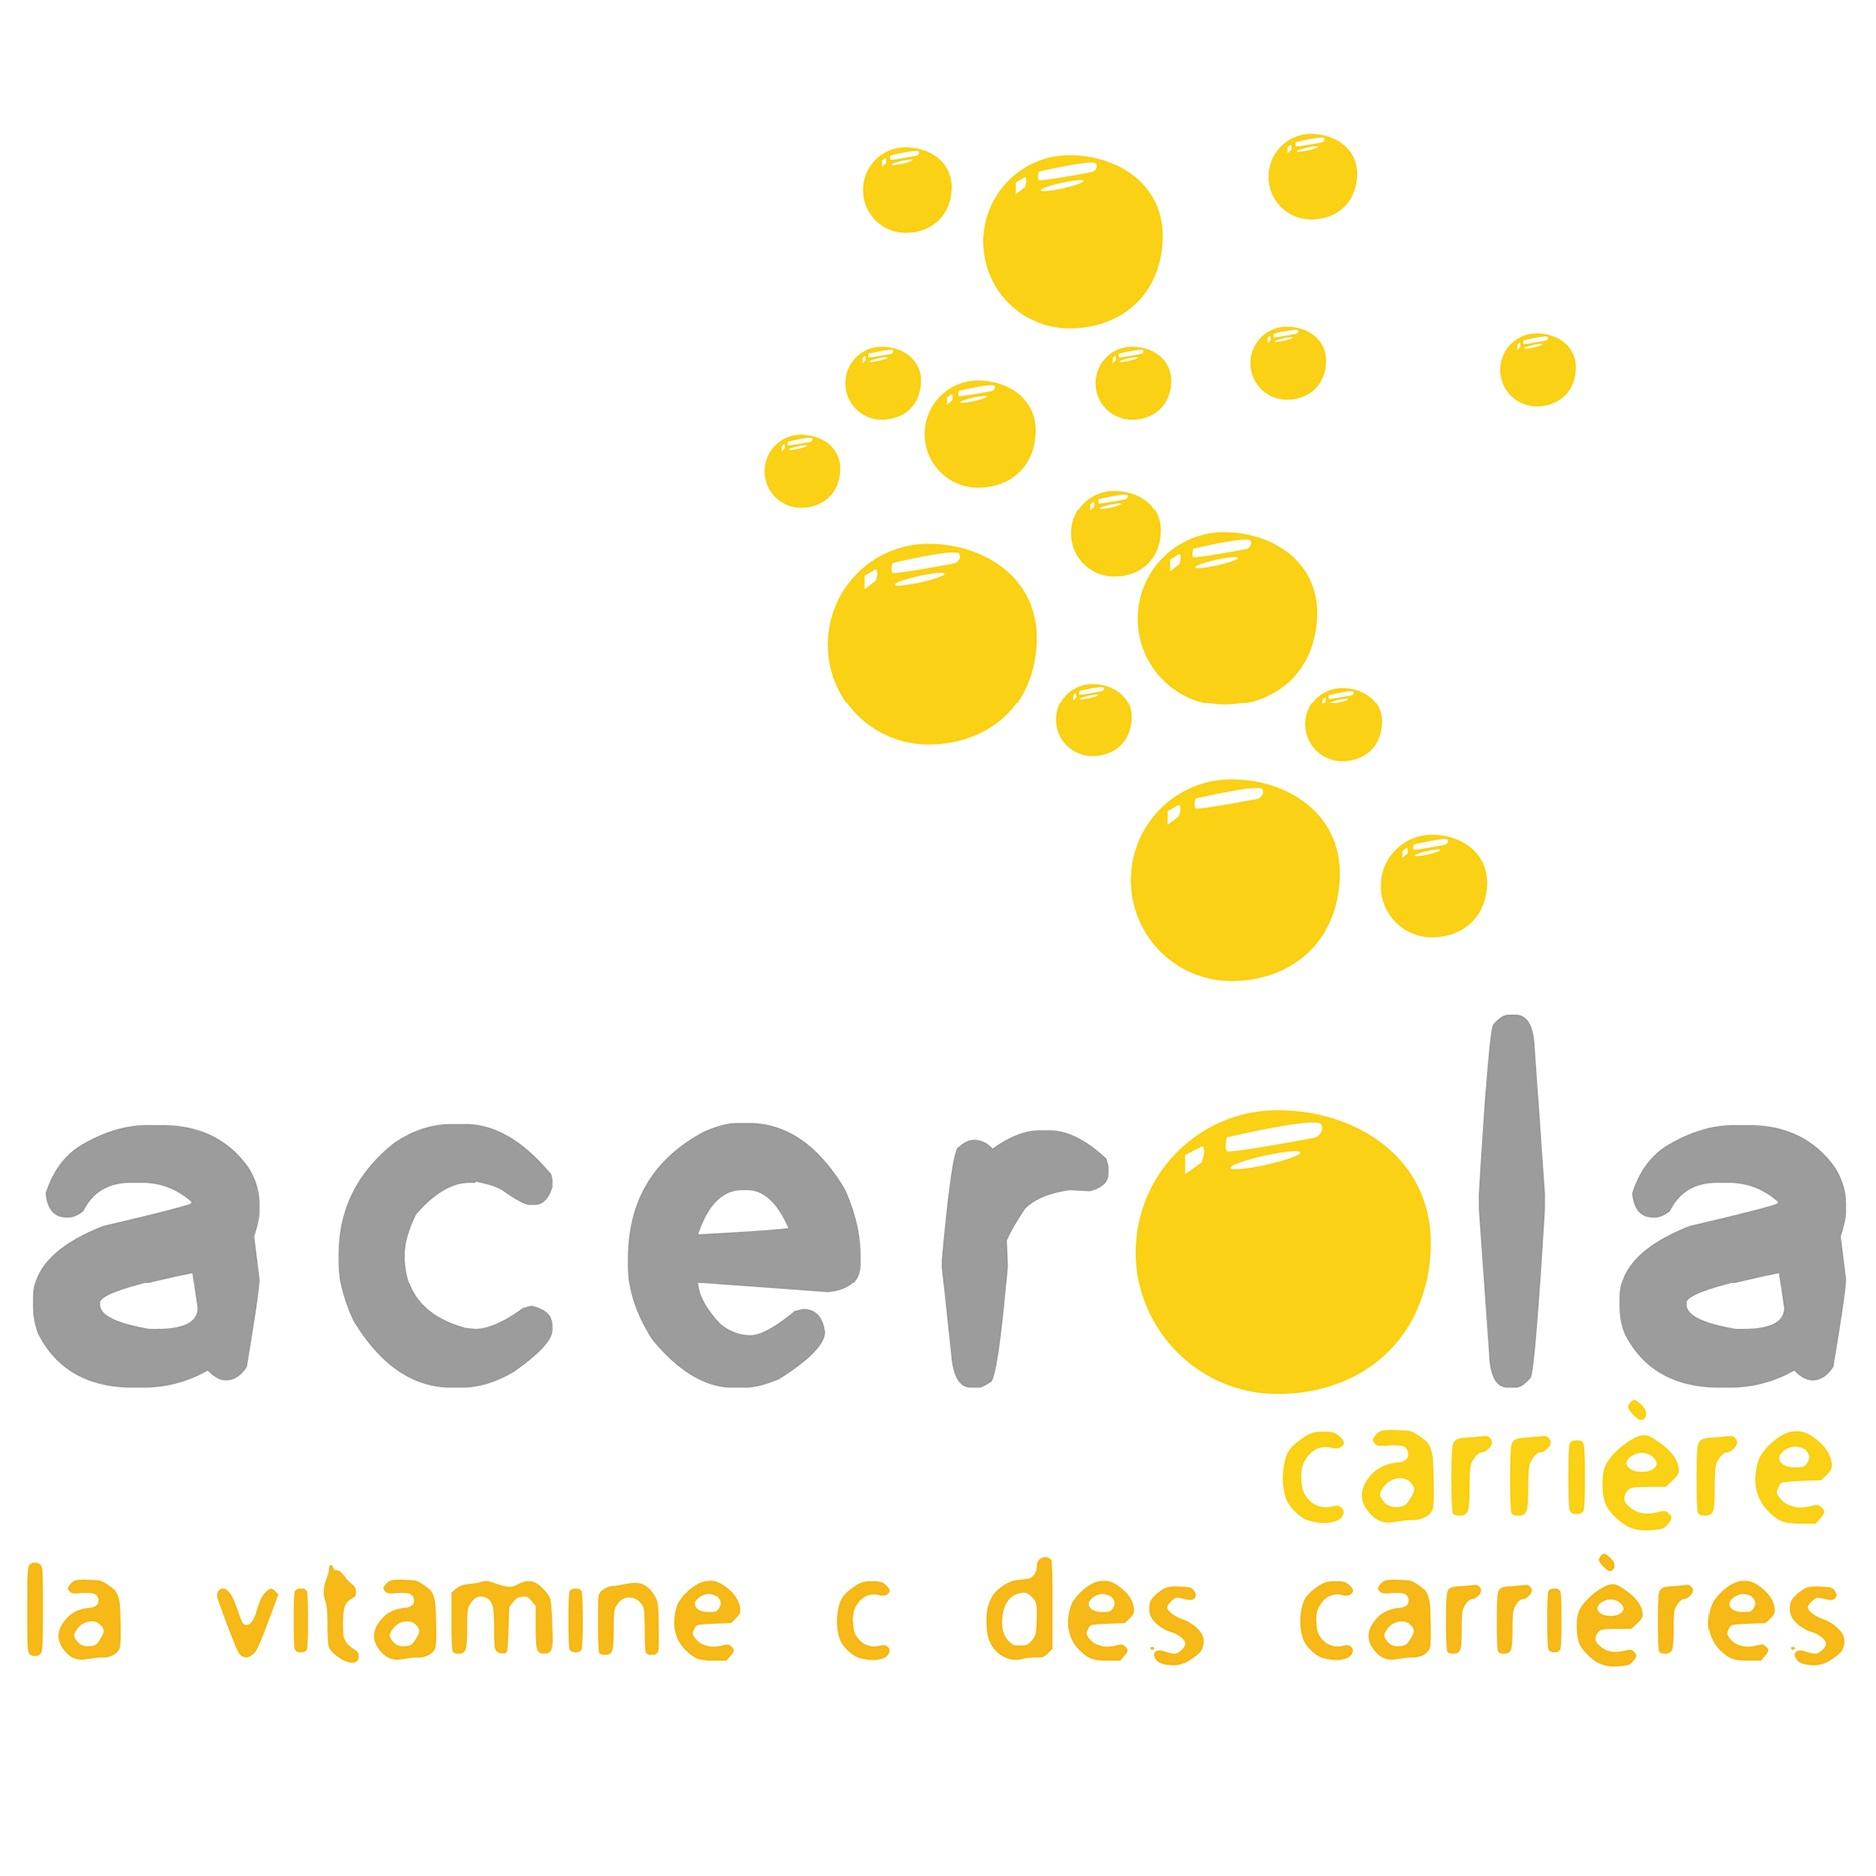 Centre ACEROLA Carriere - Paris 9